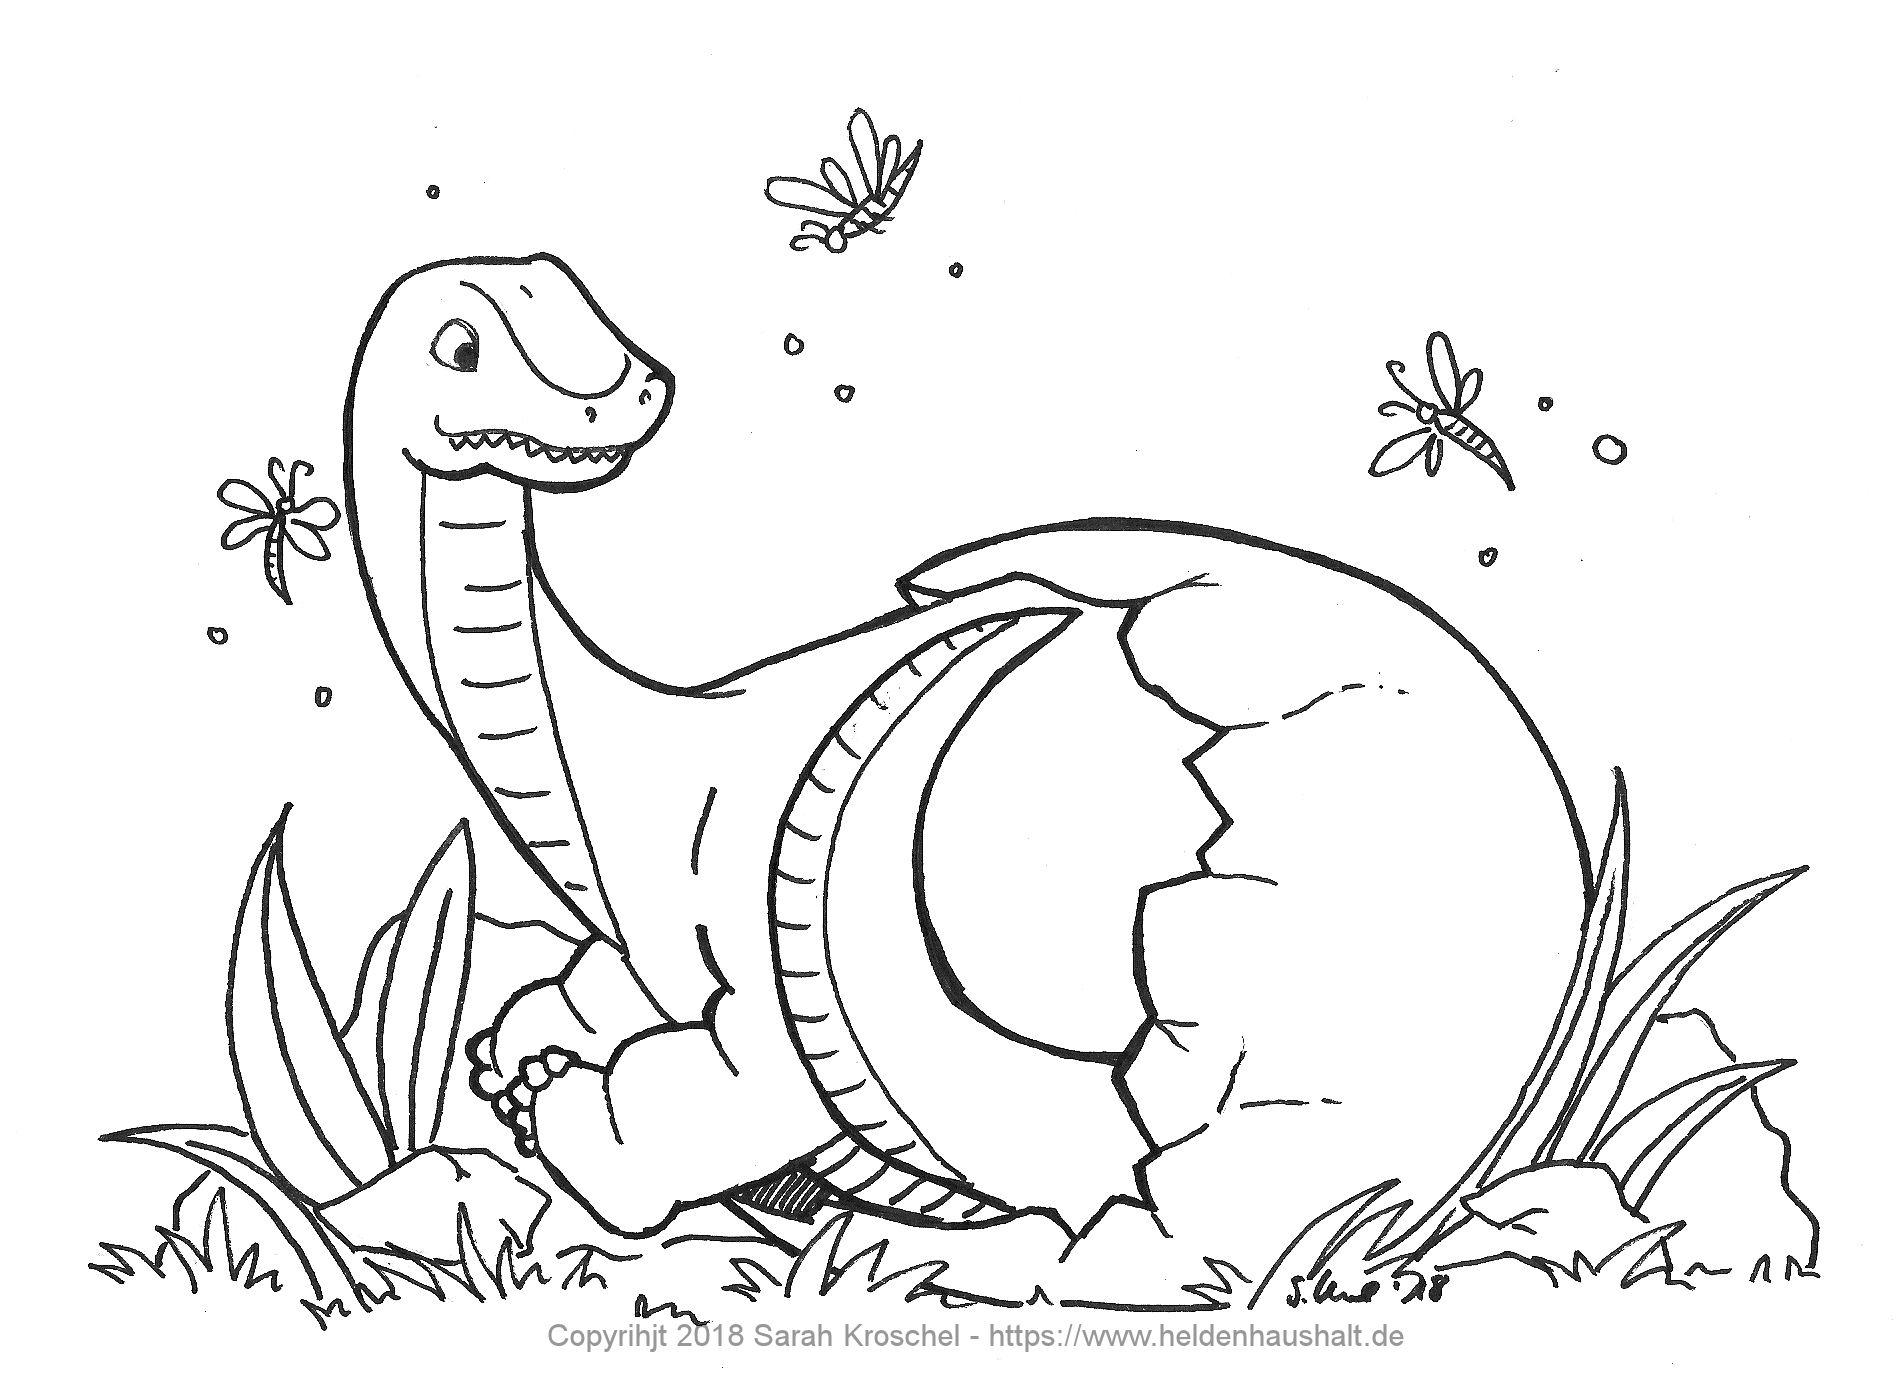 Auf Den Spuren Der Dinosaurier! Lust Auf Ein Ausmalbild verwandt mit Dino Ausmalbild